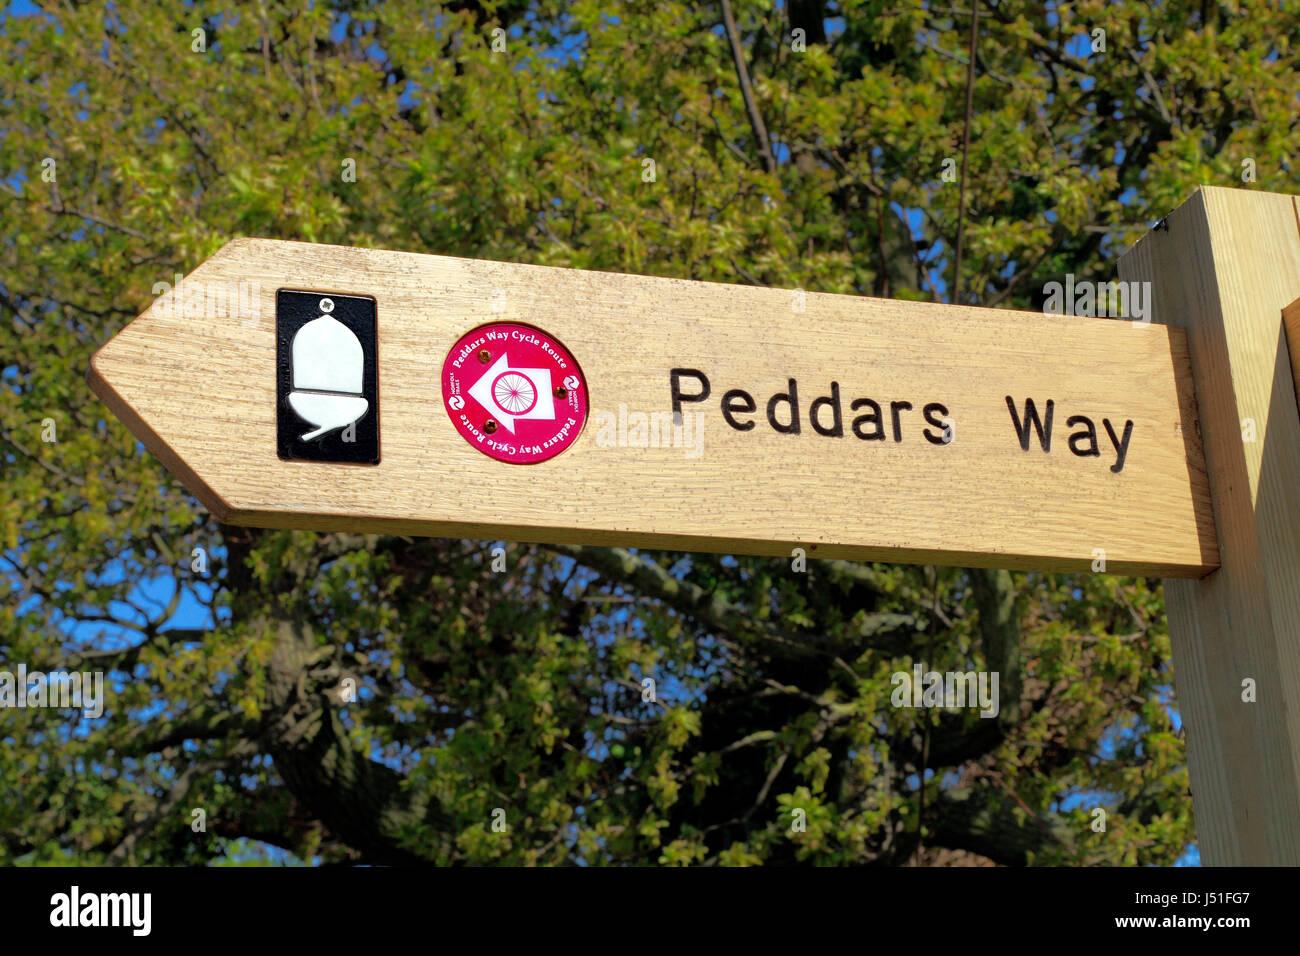 Modo Peddars sentiero, dito post, segno, Acorn Trust, percorso ciclabile, Ringstead, Norfolk, Inghilterra, Inglese Immagini Stock